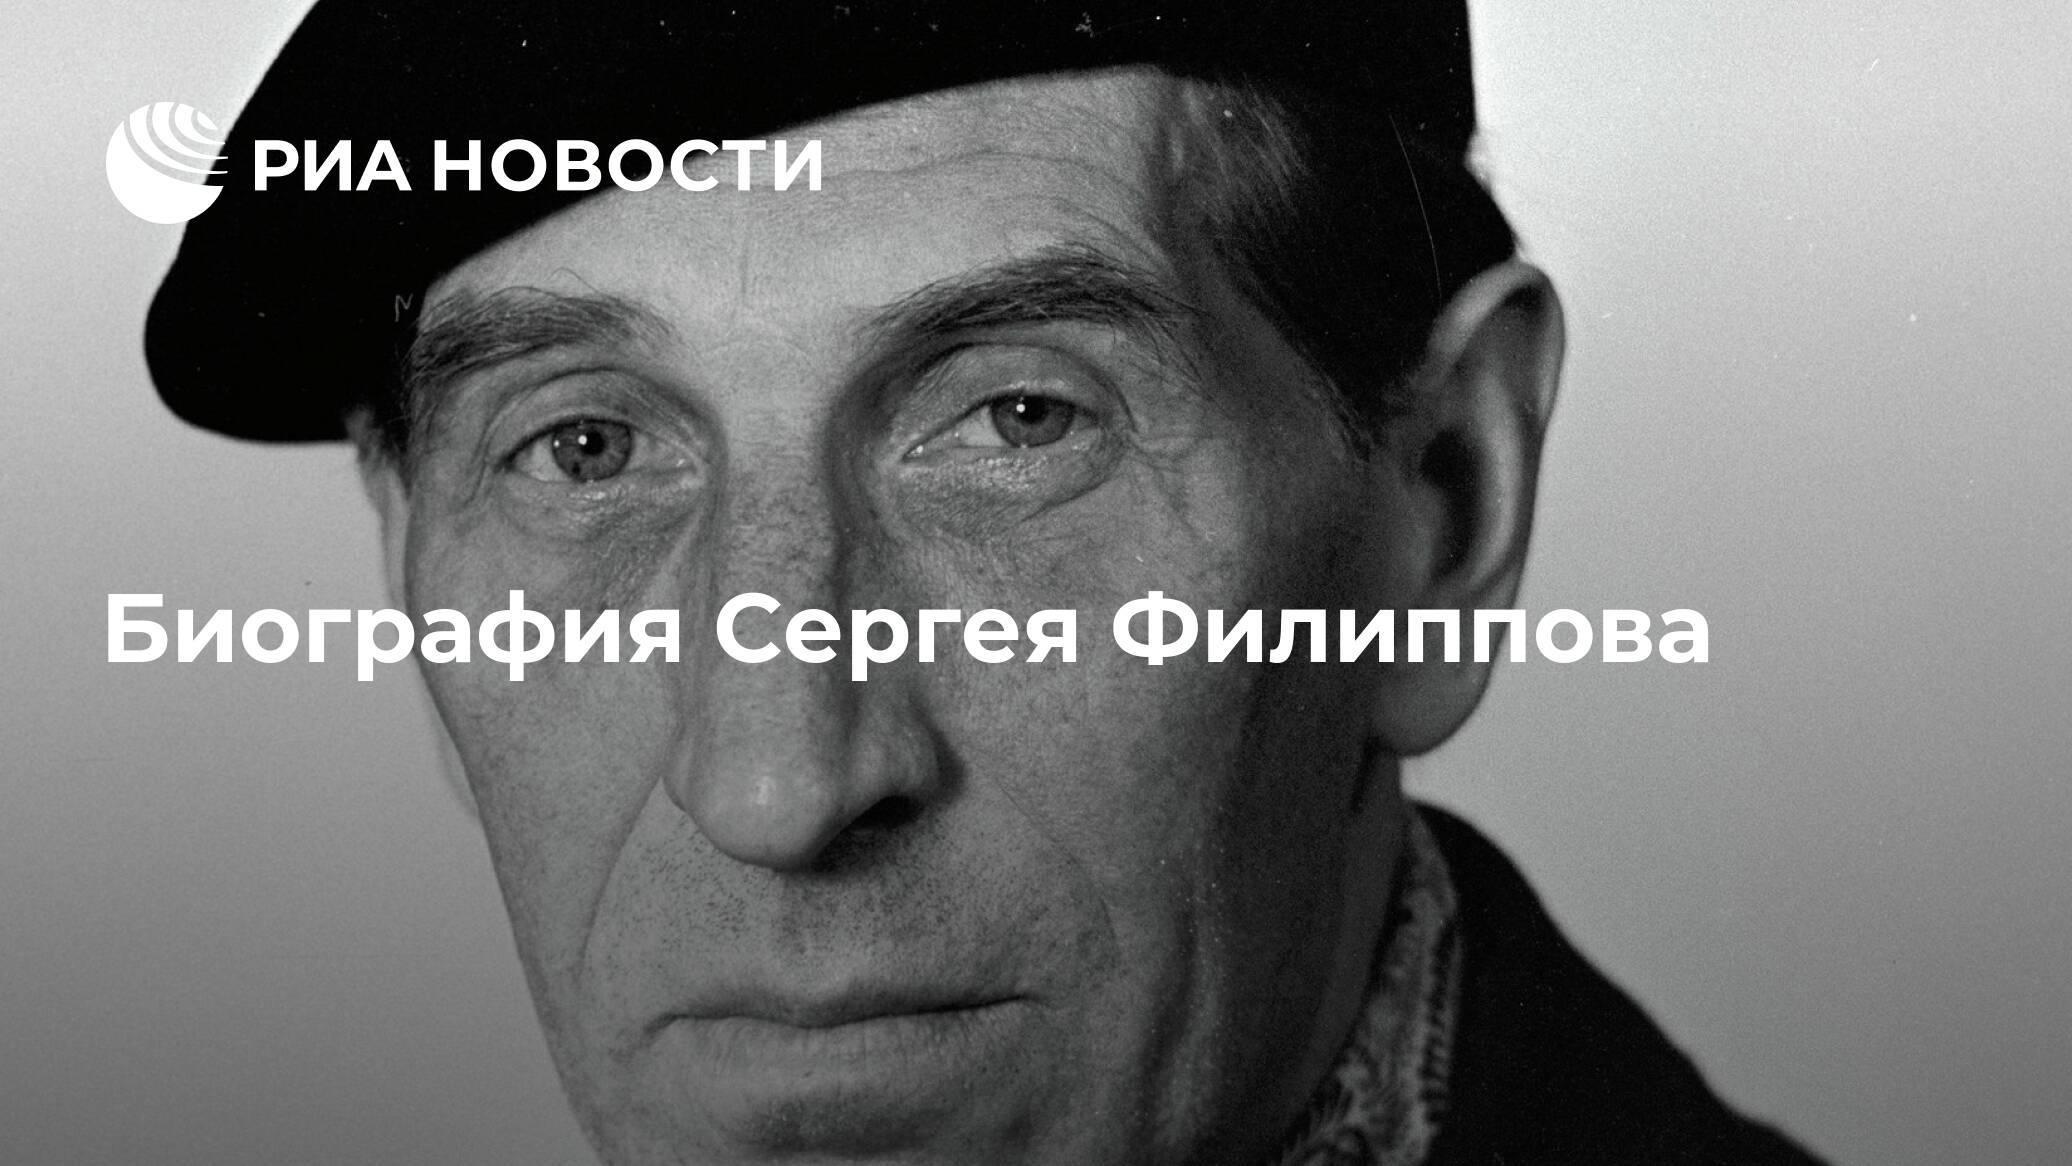 Сергей филиппов - биография, информация, личная жизнь, фото, видео